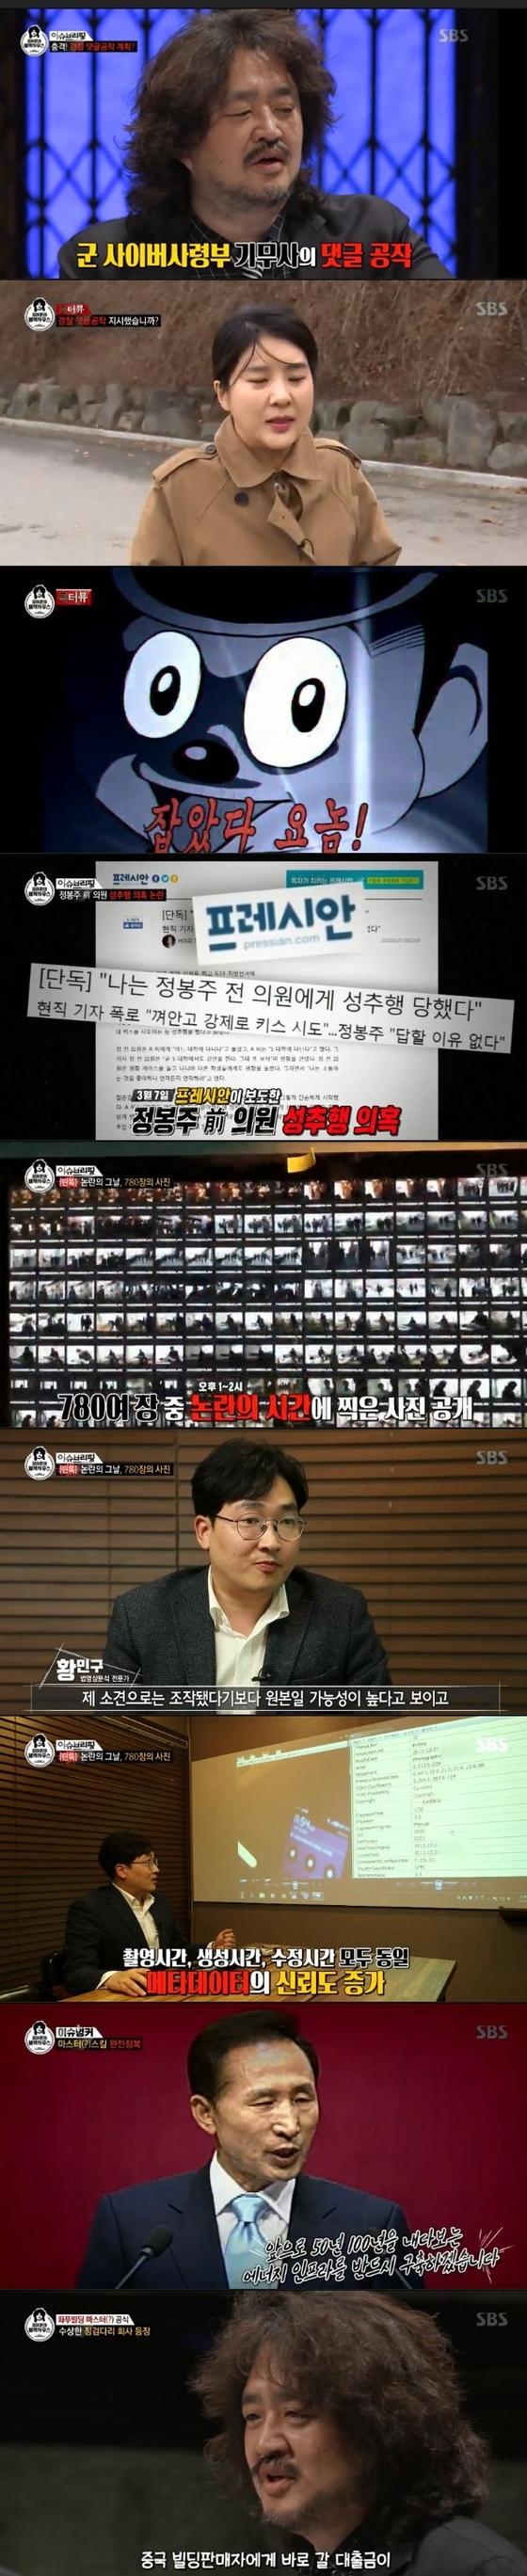 '김어준의 블랙하우스' 방송 도중 MB 구속X김용판 전 청장 만난 강유미(종합)